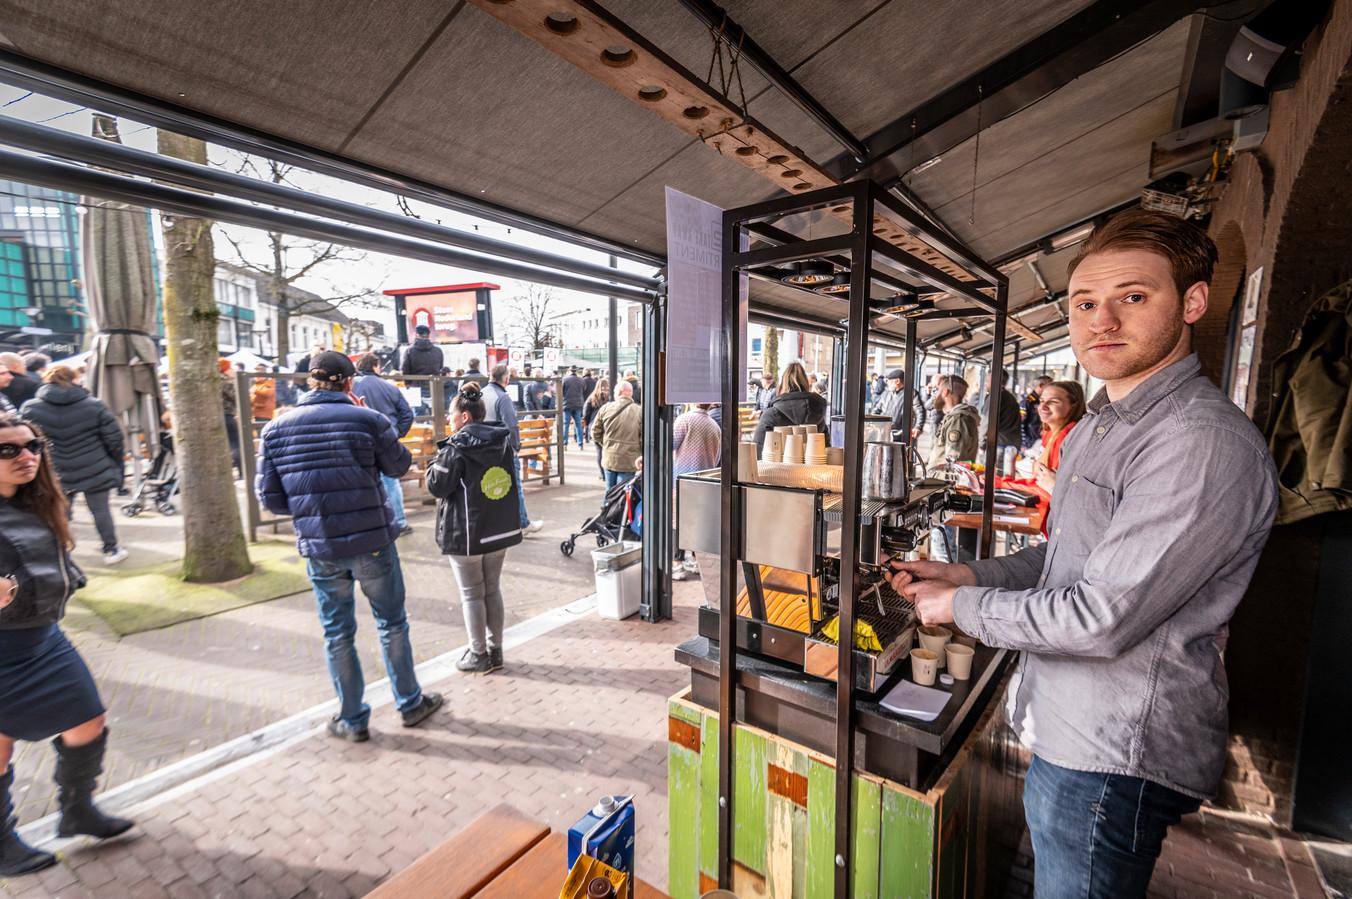 Nick Vink zaterdag achter zijn koffiebar bij H32 op de Heuvel. Op de achtergrond de vrijheidskaravaan van Thierry Baudet.